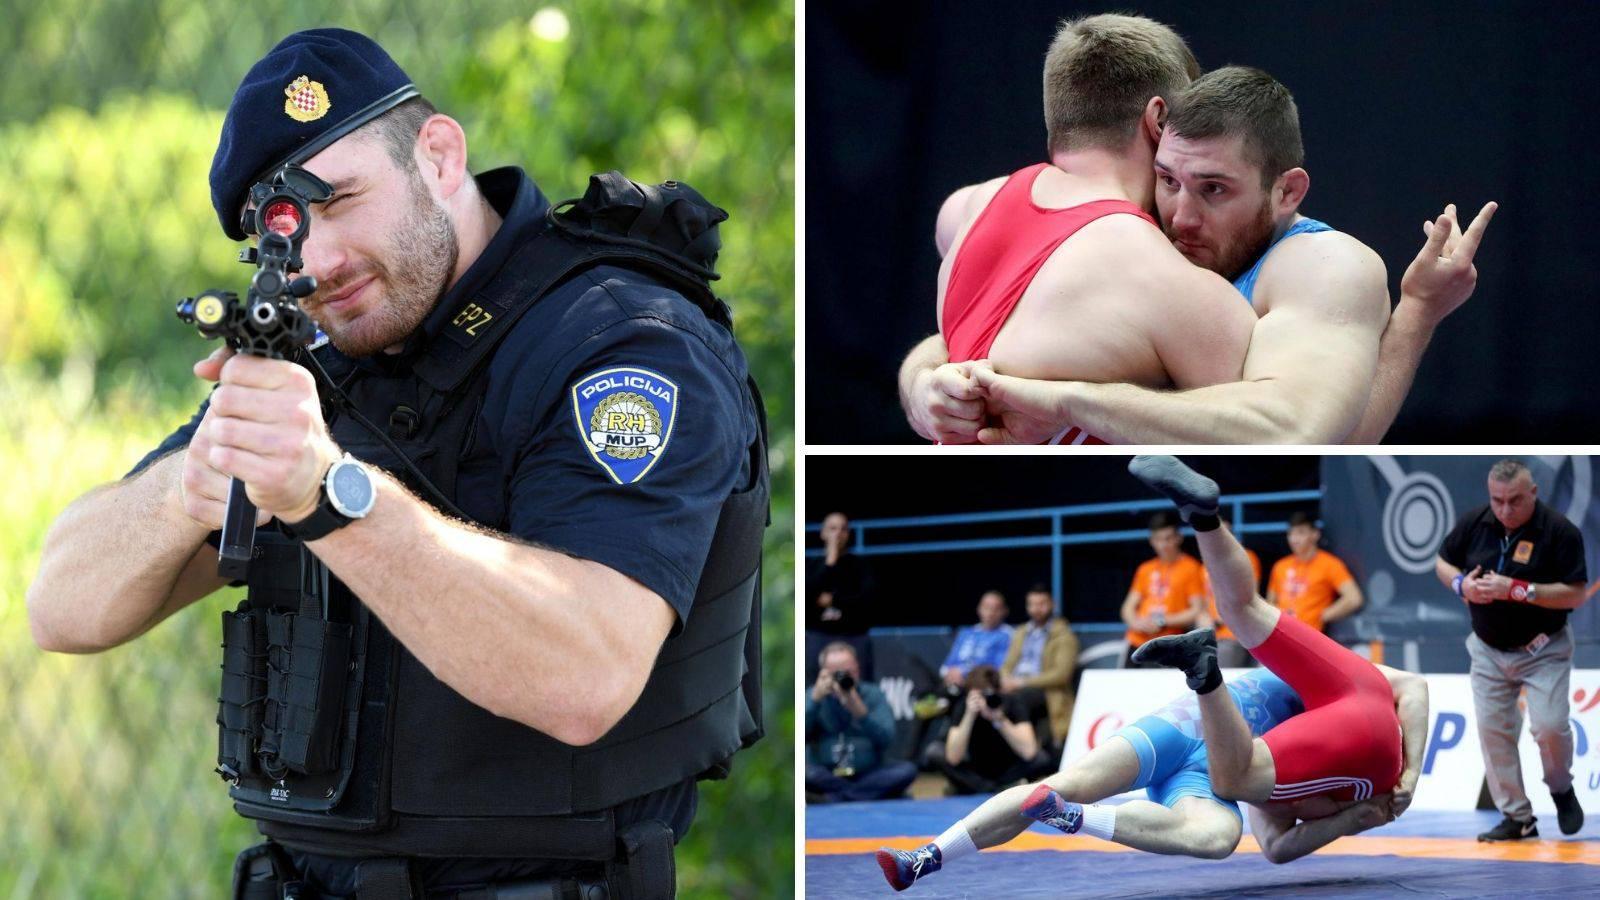 Specijalac na strunjači: Prvak sam u hrvanju i opaki policajac